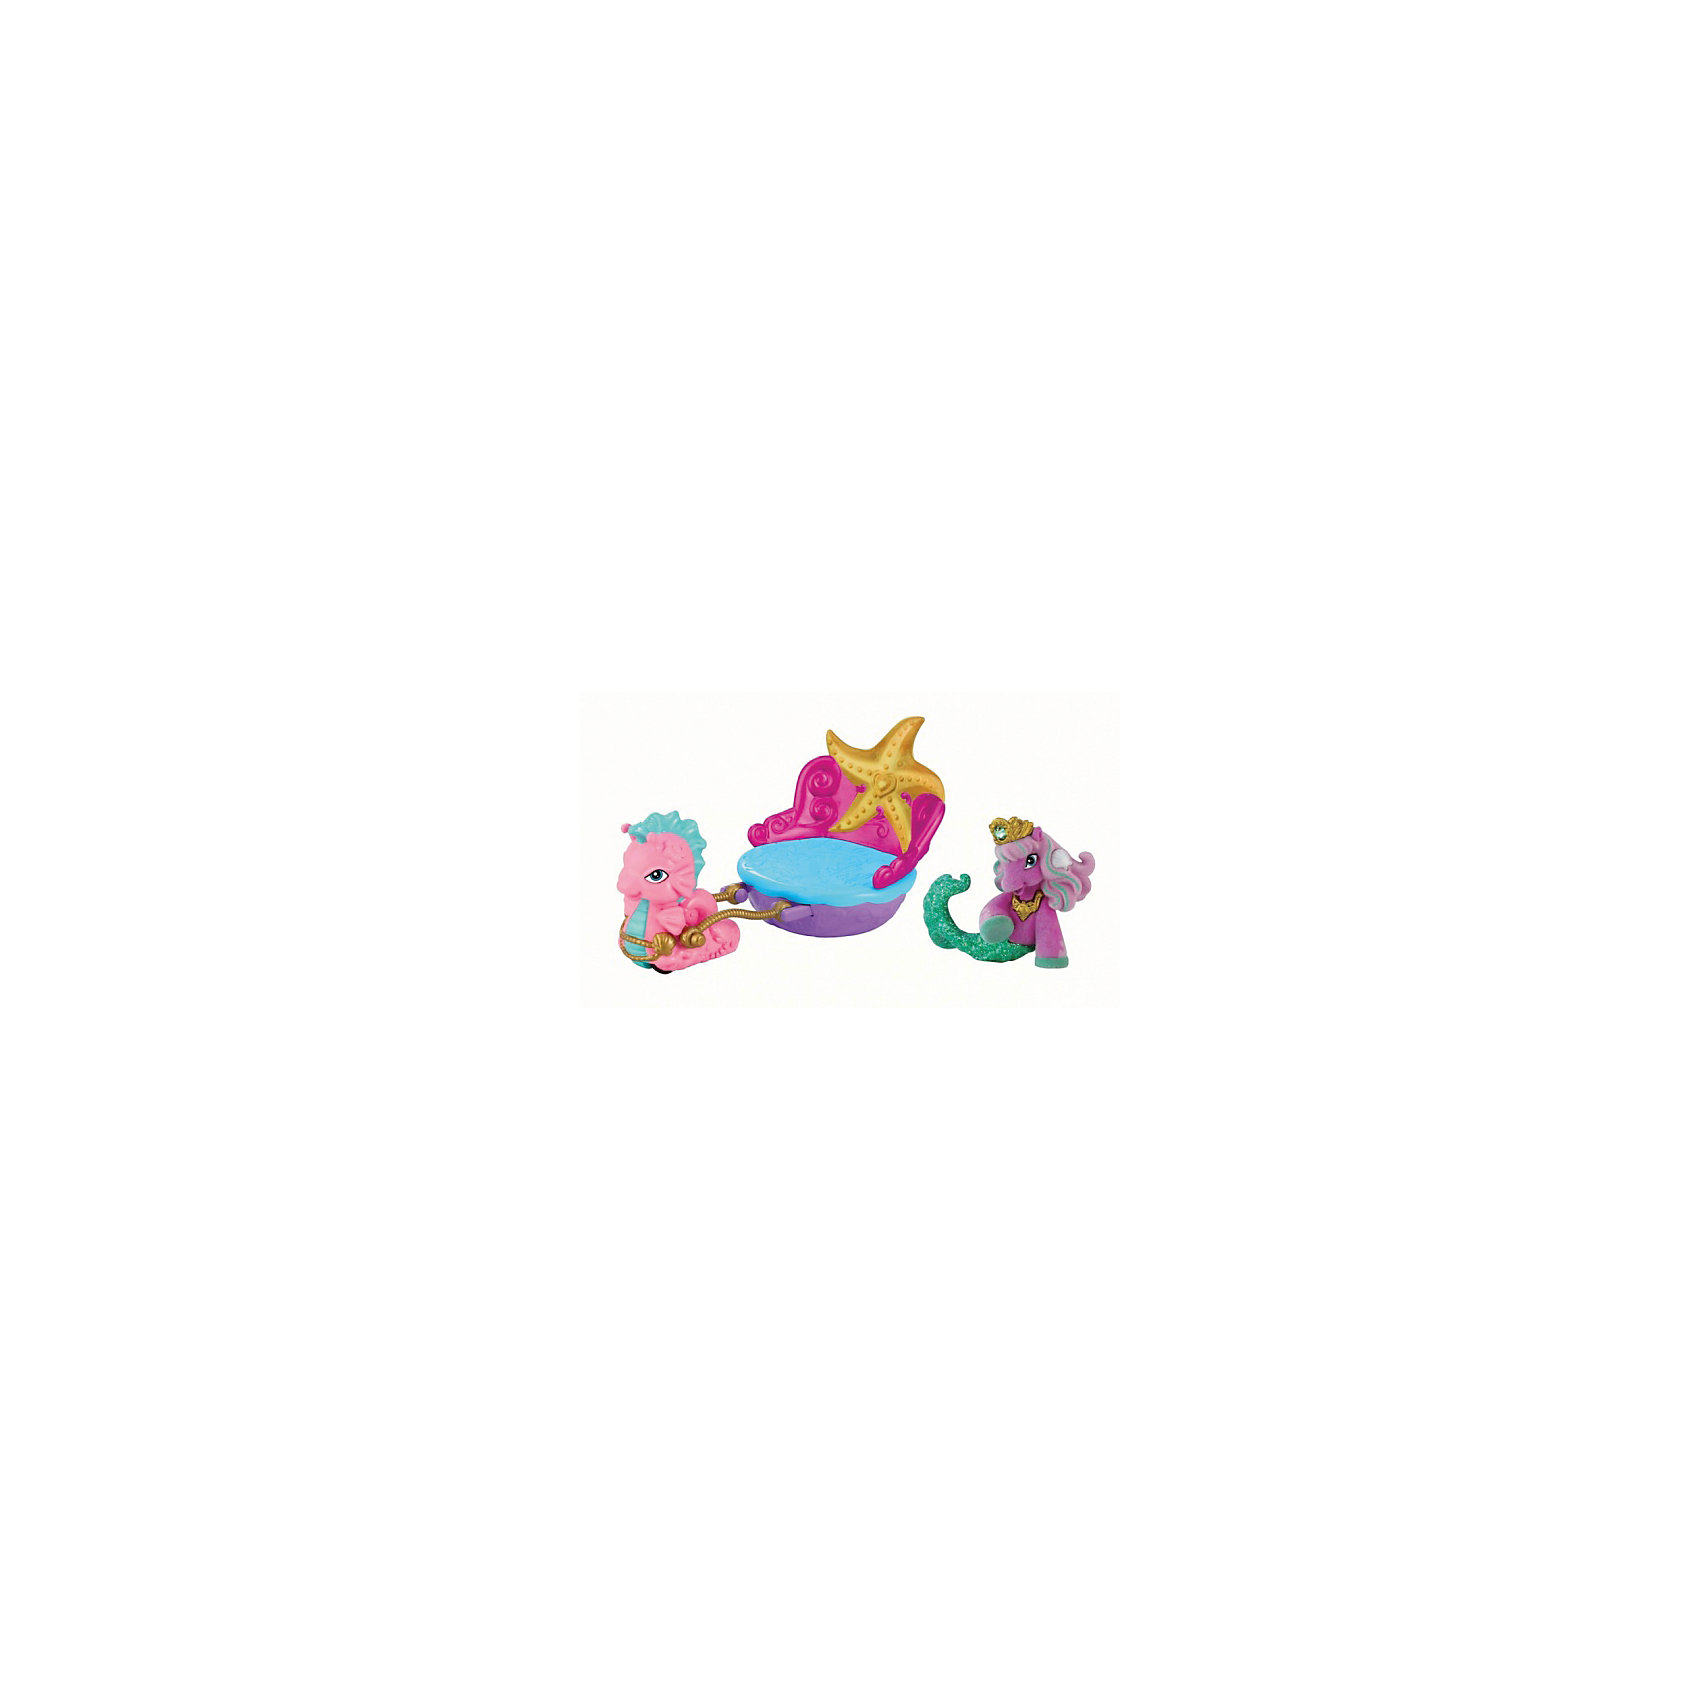 Набор игровой Подводный экипаж, Filly РусалочкиКоллекционные и игровые фигурки<br>Набор игровой Подводный экипаж, Filly Русалочки – этот очаровательный игровой набор не оставит равнодушной ни одну девочку!<br>Набор игровой Filly Русалочки Подводный экипаж станет самым желанным подарком для любой маленькой девочки, которая любит играть с лошадками-русалками Filly живущими под водой в стране Коралии. Необычная морская карета-сидение сделана в виде раковины, выглядит по-царски: у нее роскошная узорчатая спинка, обрамленная золотом. Это настоящий праздничный транспорт для любимой лошадки-русалки Filly. Лошадка-русалка с шикарным хвостом сможет путешествовать по Коралии и навещать своих подруг и друзей! Карета управляется с помощью милого морского конька, который с удовольствием будет везти лошадку к назначенному пункту. Яркий набор подарит играм юной принцессы новые сценарии, что отлично скажется на воображении, фантазии и мелкой моторике. Фигурка лошадки-русалочки сделана из высококачественного пластика и покрыта мягким флоком. Все детали, из которых сделаны игрушки, прочны и безопасны, а их высокое качество прошло строгий контроль.<br><br>Дополнительная информация:<br><br>- В наборе: лошадка, питомец, карета<br>- Материал: пластик, флок<br>- Размер упаковки: 27,5 х 10 х 9 см.<br>- Вес: 200 гр.<br><br>Набор игровой Подводный экипаж, Filly (Филли) Русалочки можно купить в нашем интернет-магазине.<br><br>Ширина мм: 275<br>Глубина мм: 100<br>Высота мм: 90<br>Вес г: 200<br>Возраст от месяцев: 36<br>Возраст до месяцев: 84<br>Пол: Женский<br>Возраст: Детский<br>SKU: 4201455